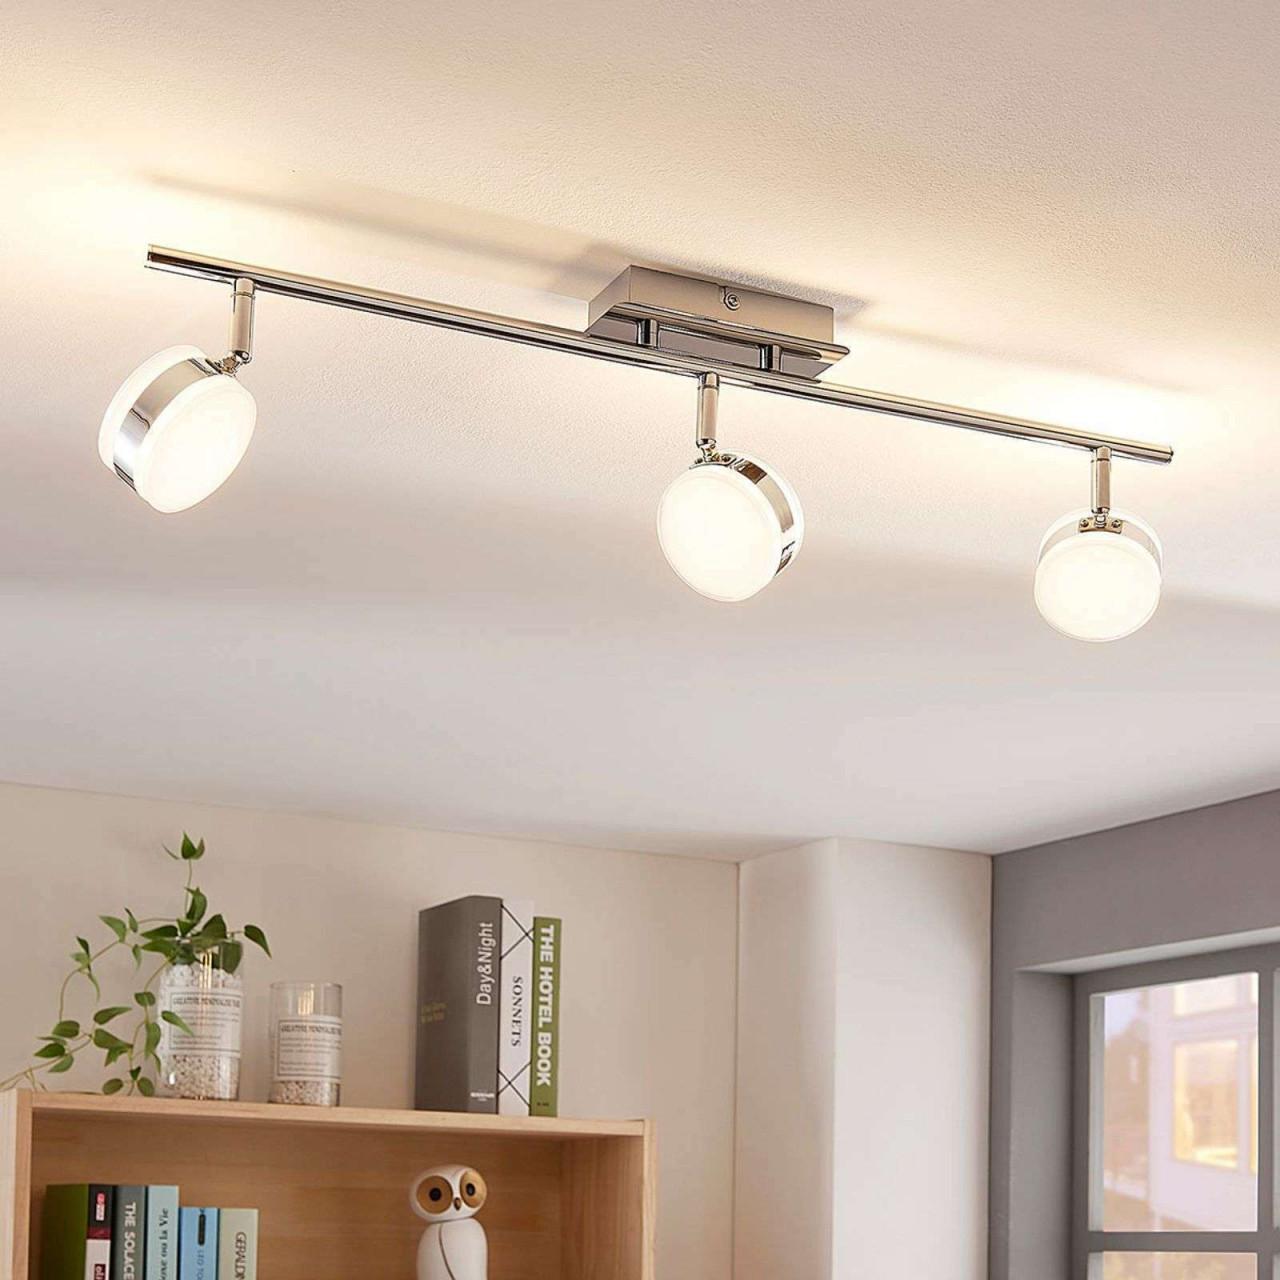 Innenbeleuchtung Küche Haushalt  Wohnen Strahler Modern von Wohnzimmer Deckenlampe Led Photo